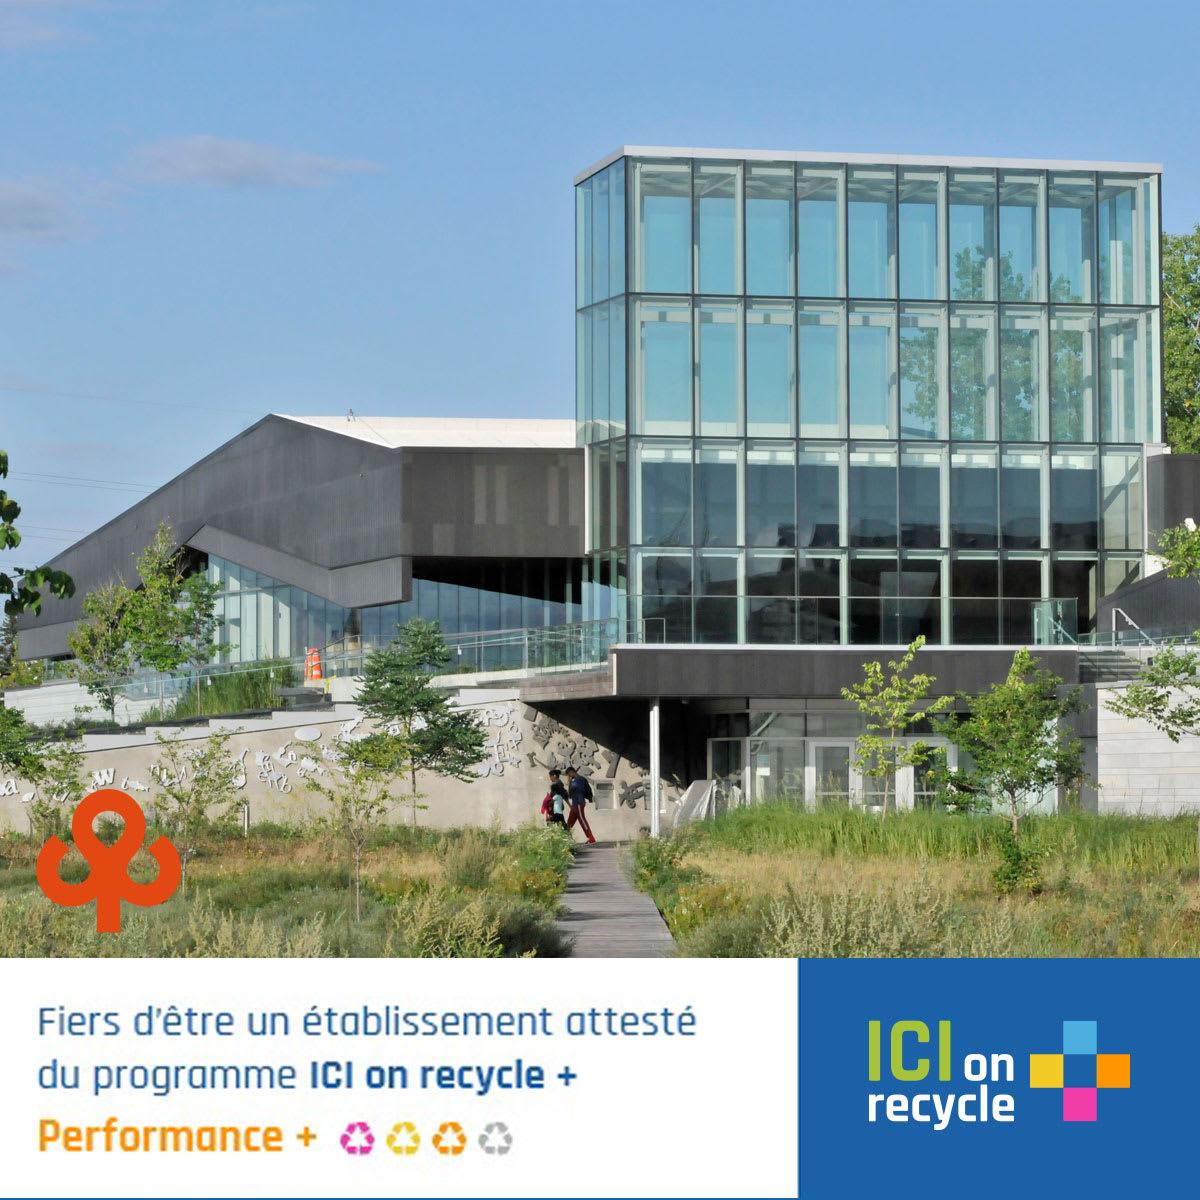 Bibliothèque du Boisé - Certification Performance +